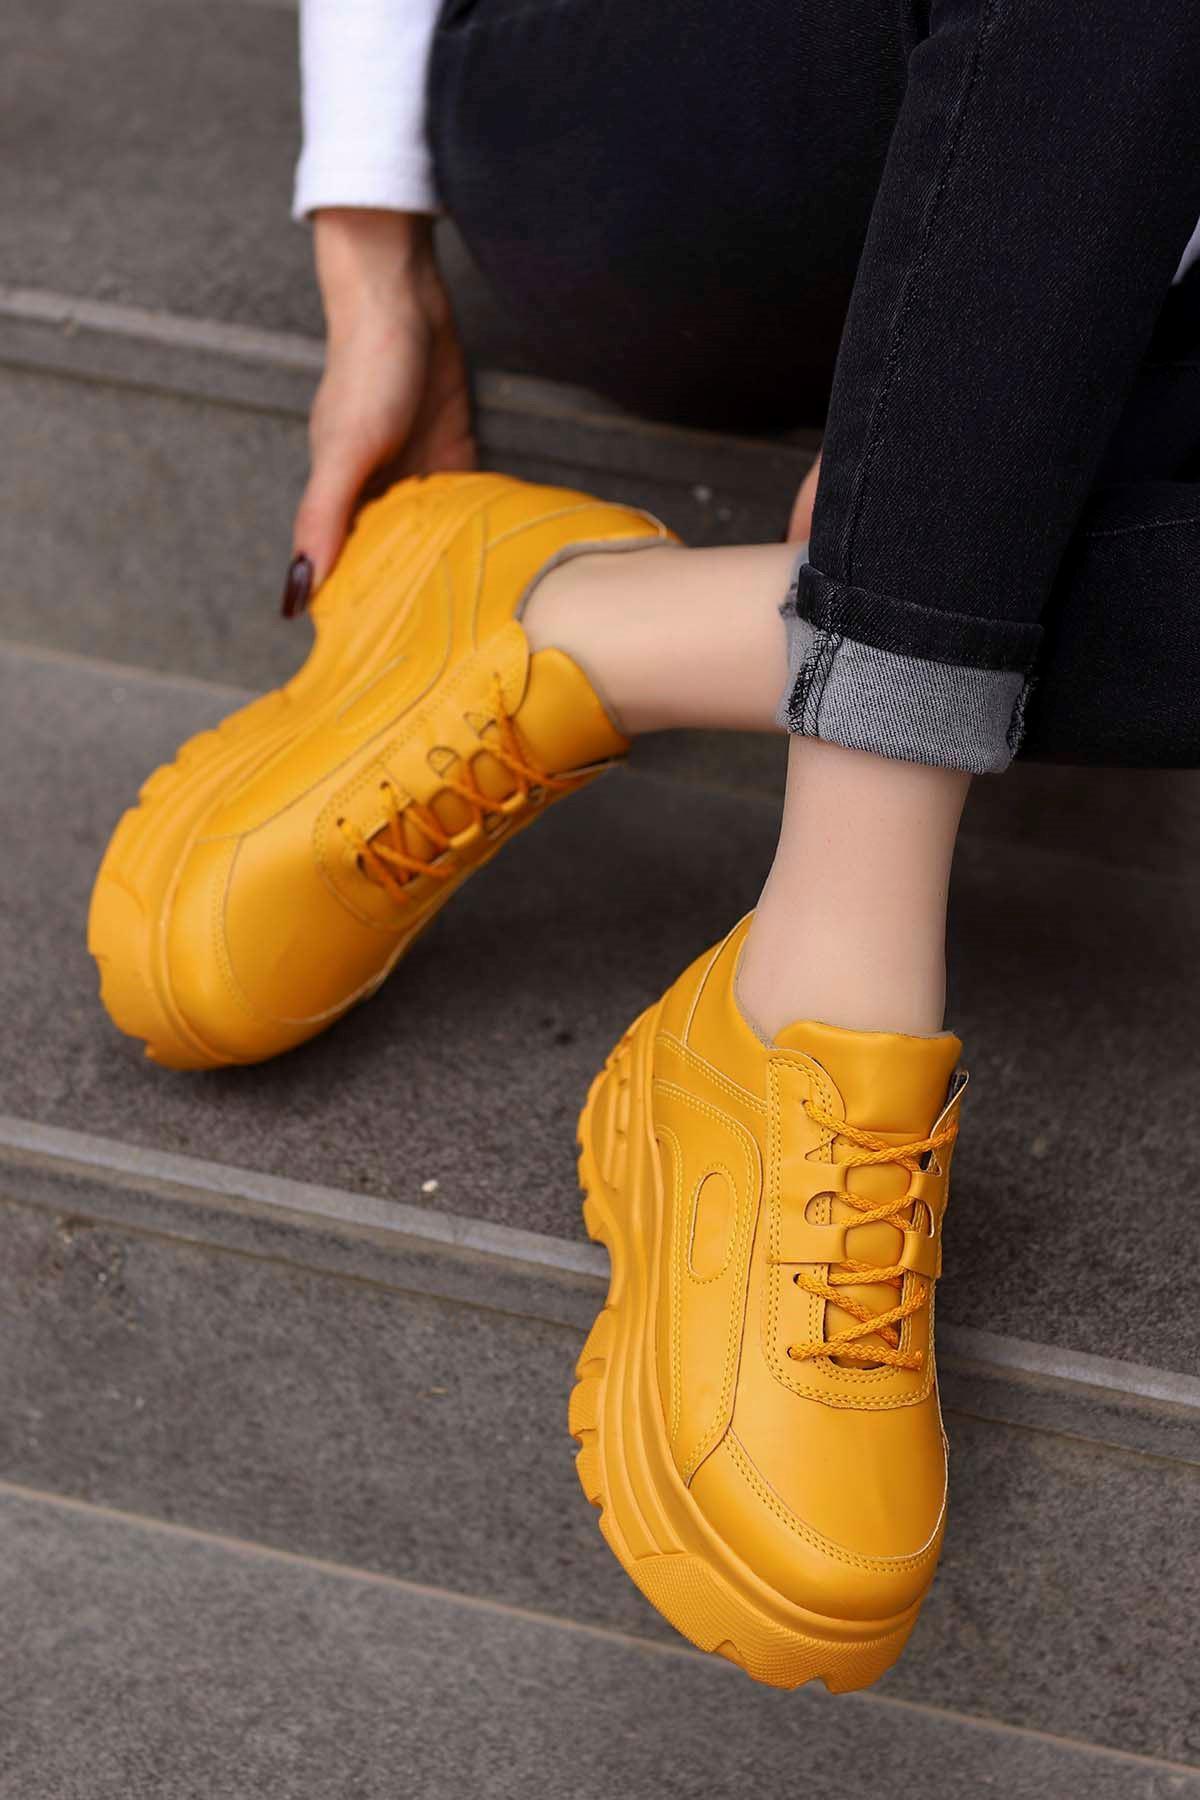 Perim Tabanlı Spor Ayakkabı Hardal Deri